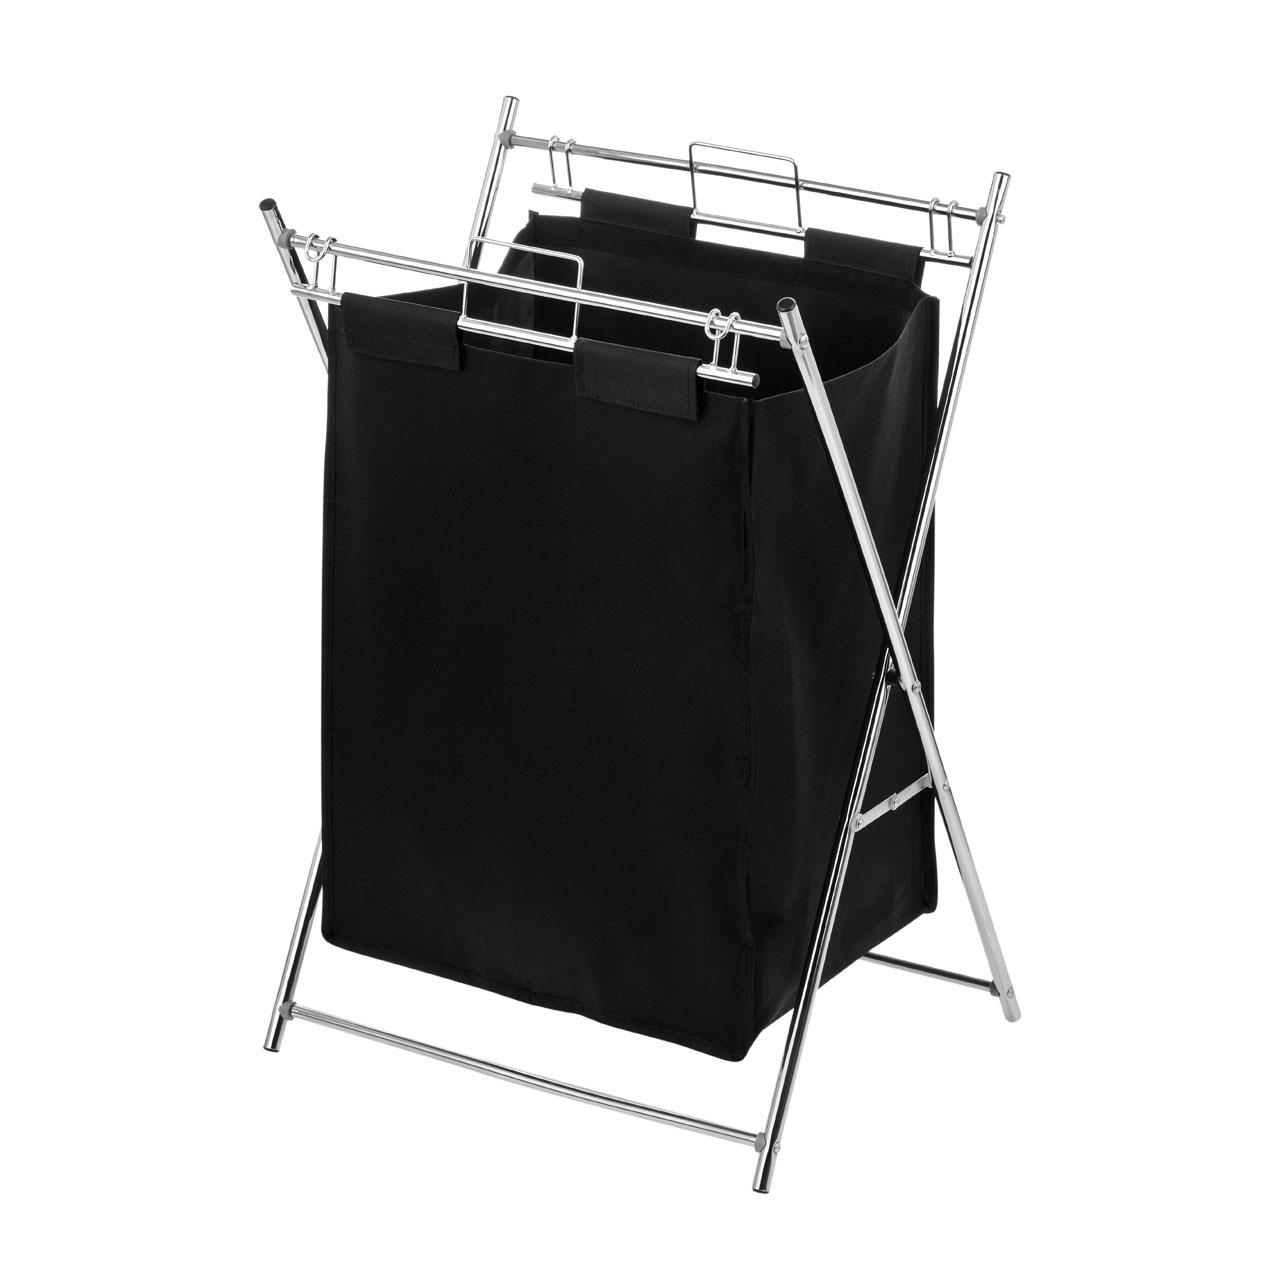 New Laundry Polyester Bag Bin Basket Chrome Frame Black